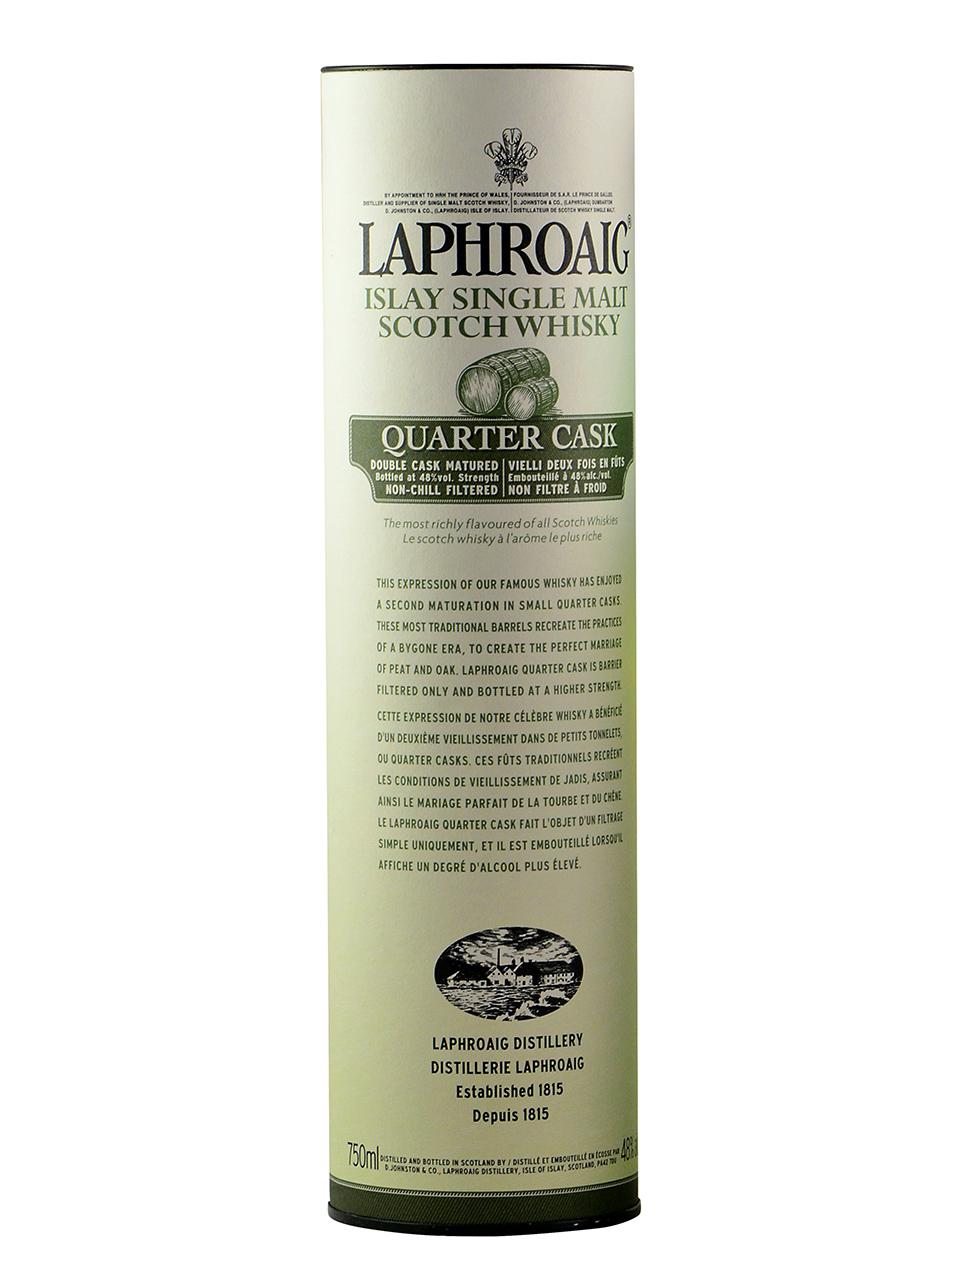 Laphroaig Quarter Cask Scotch Whisky